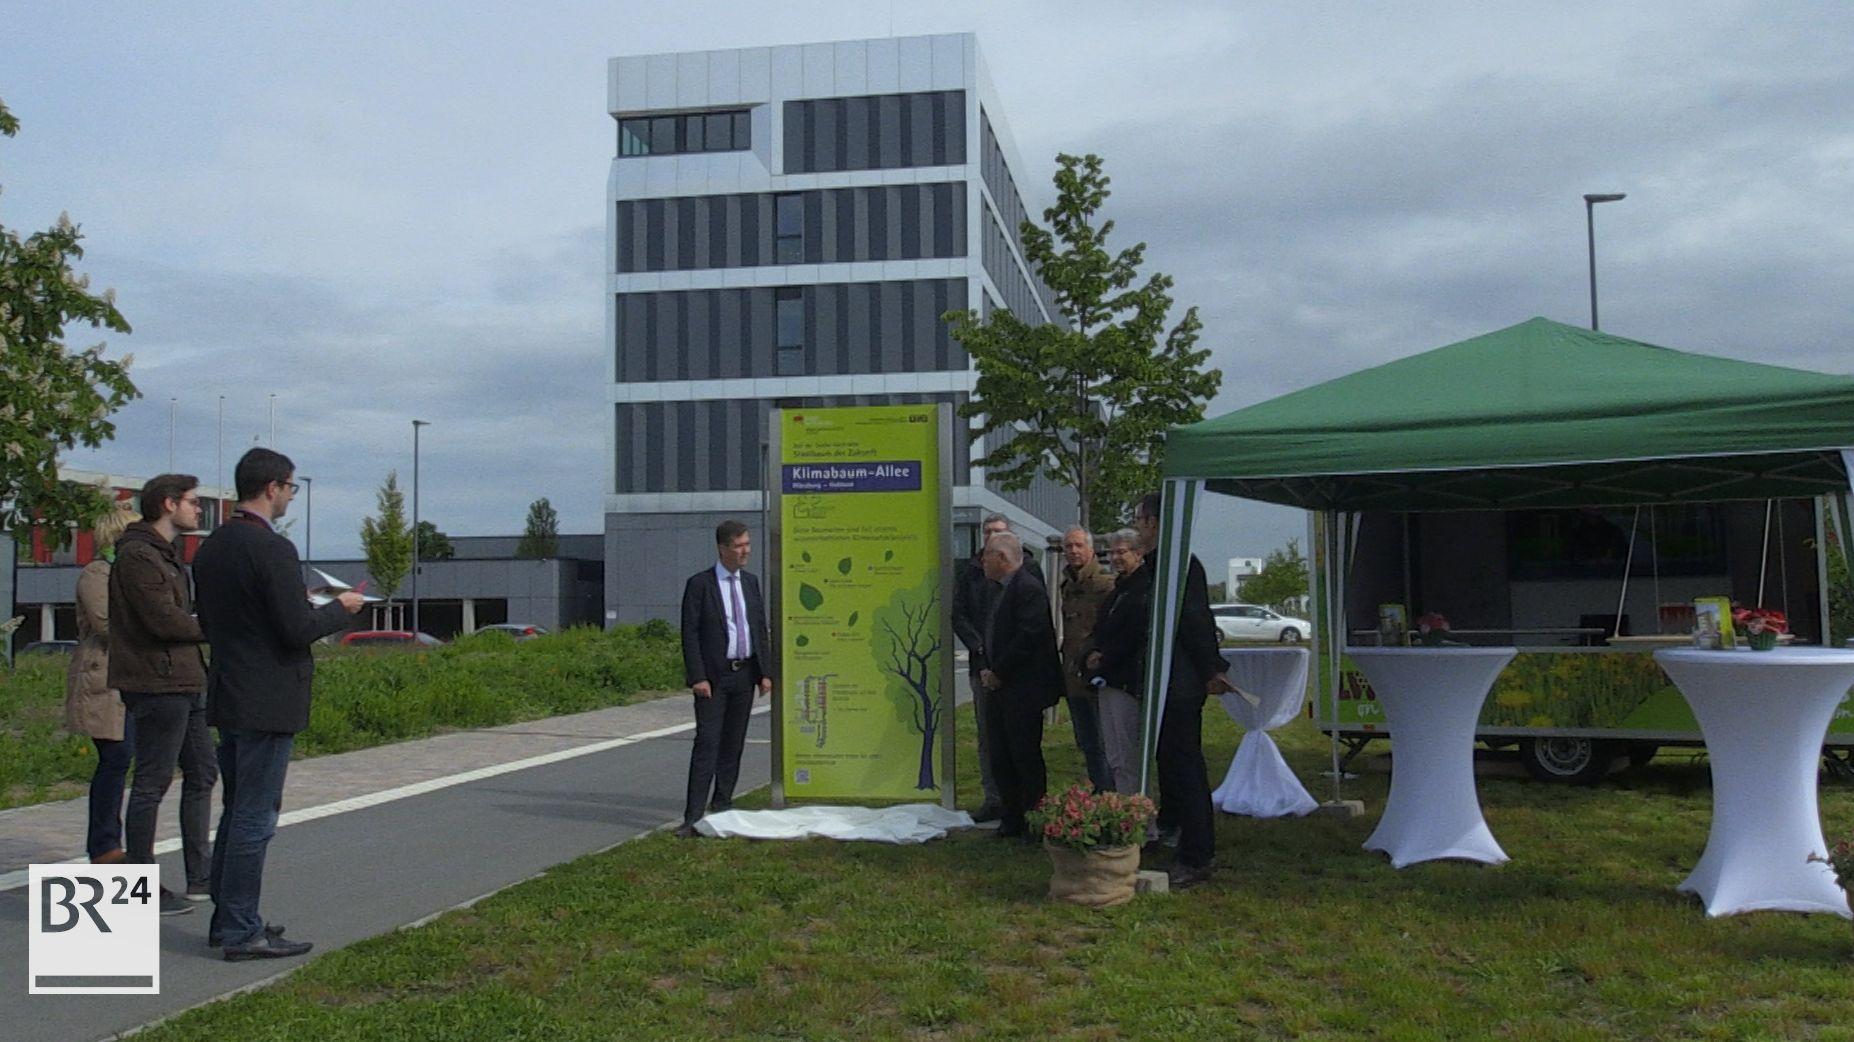 Stele zur 2. Würzburger Klimabaum-Allee eingeweiht